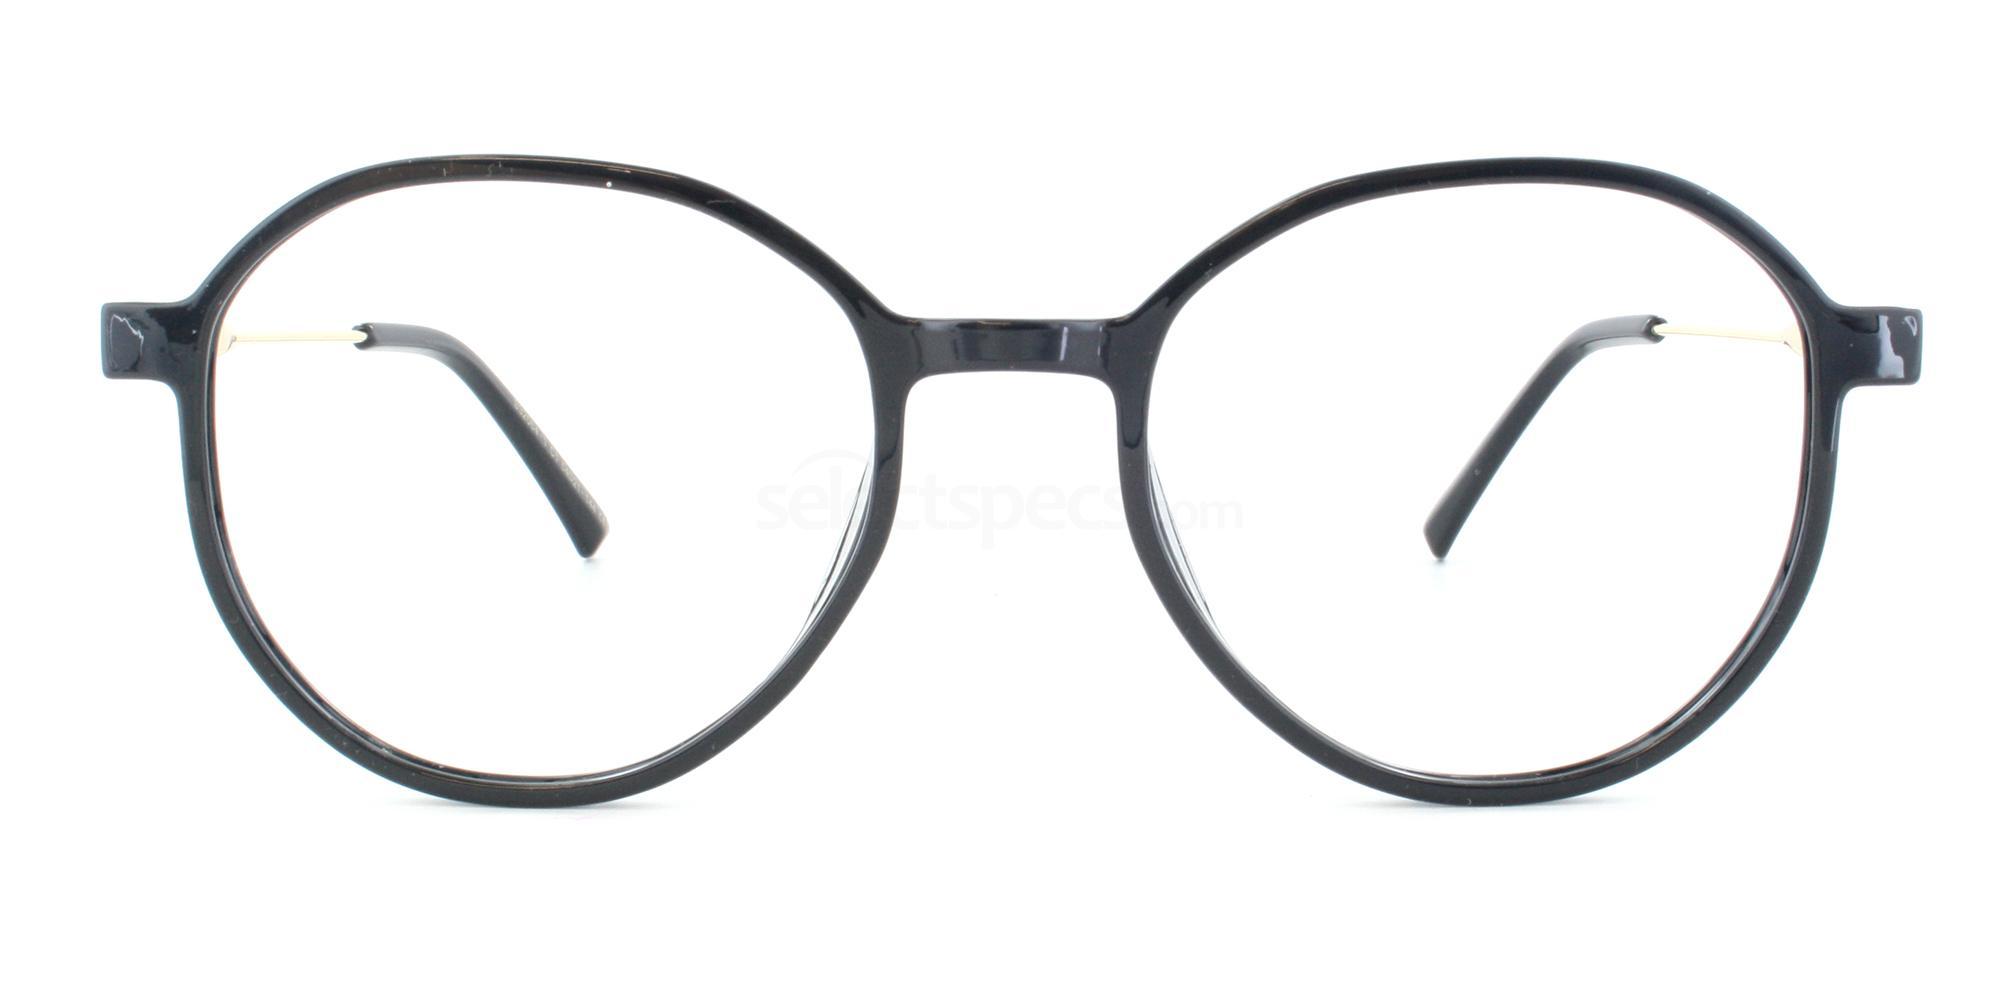 C1 S32064-1 Glasses, Infinity